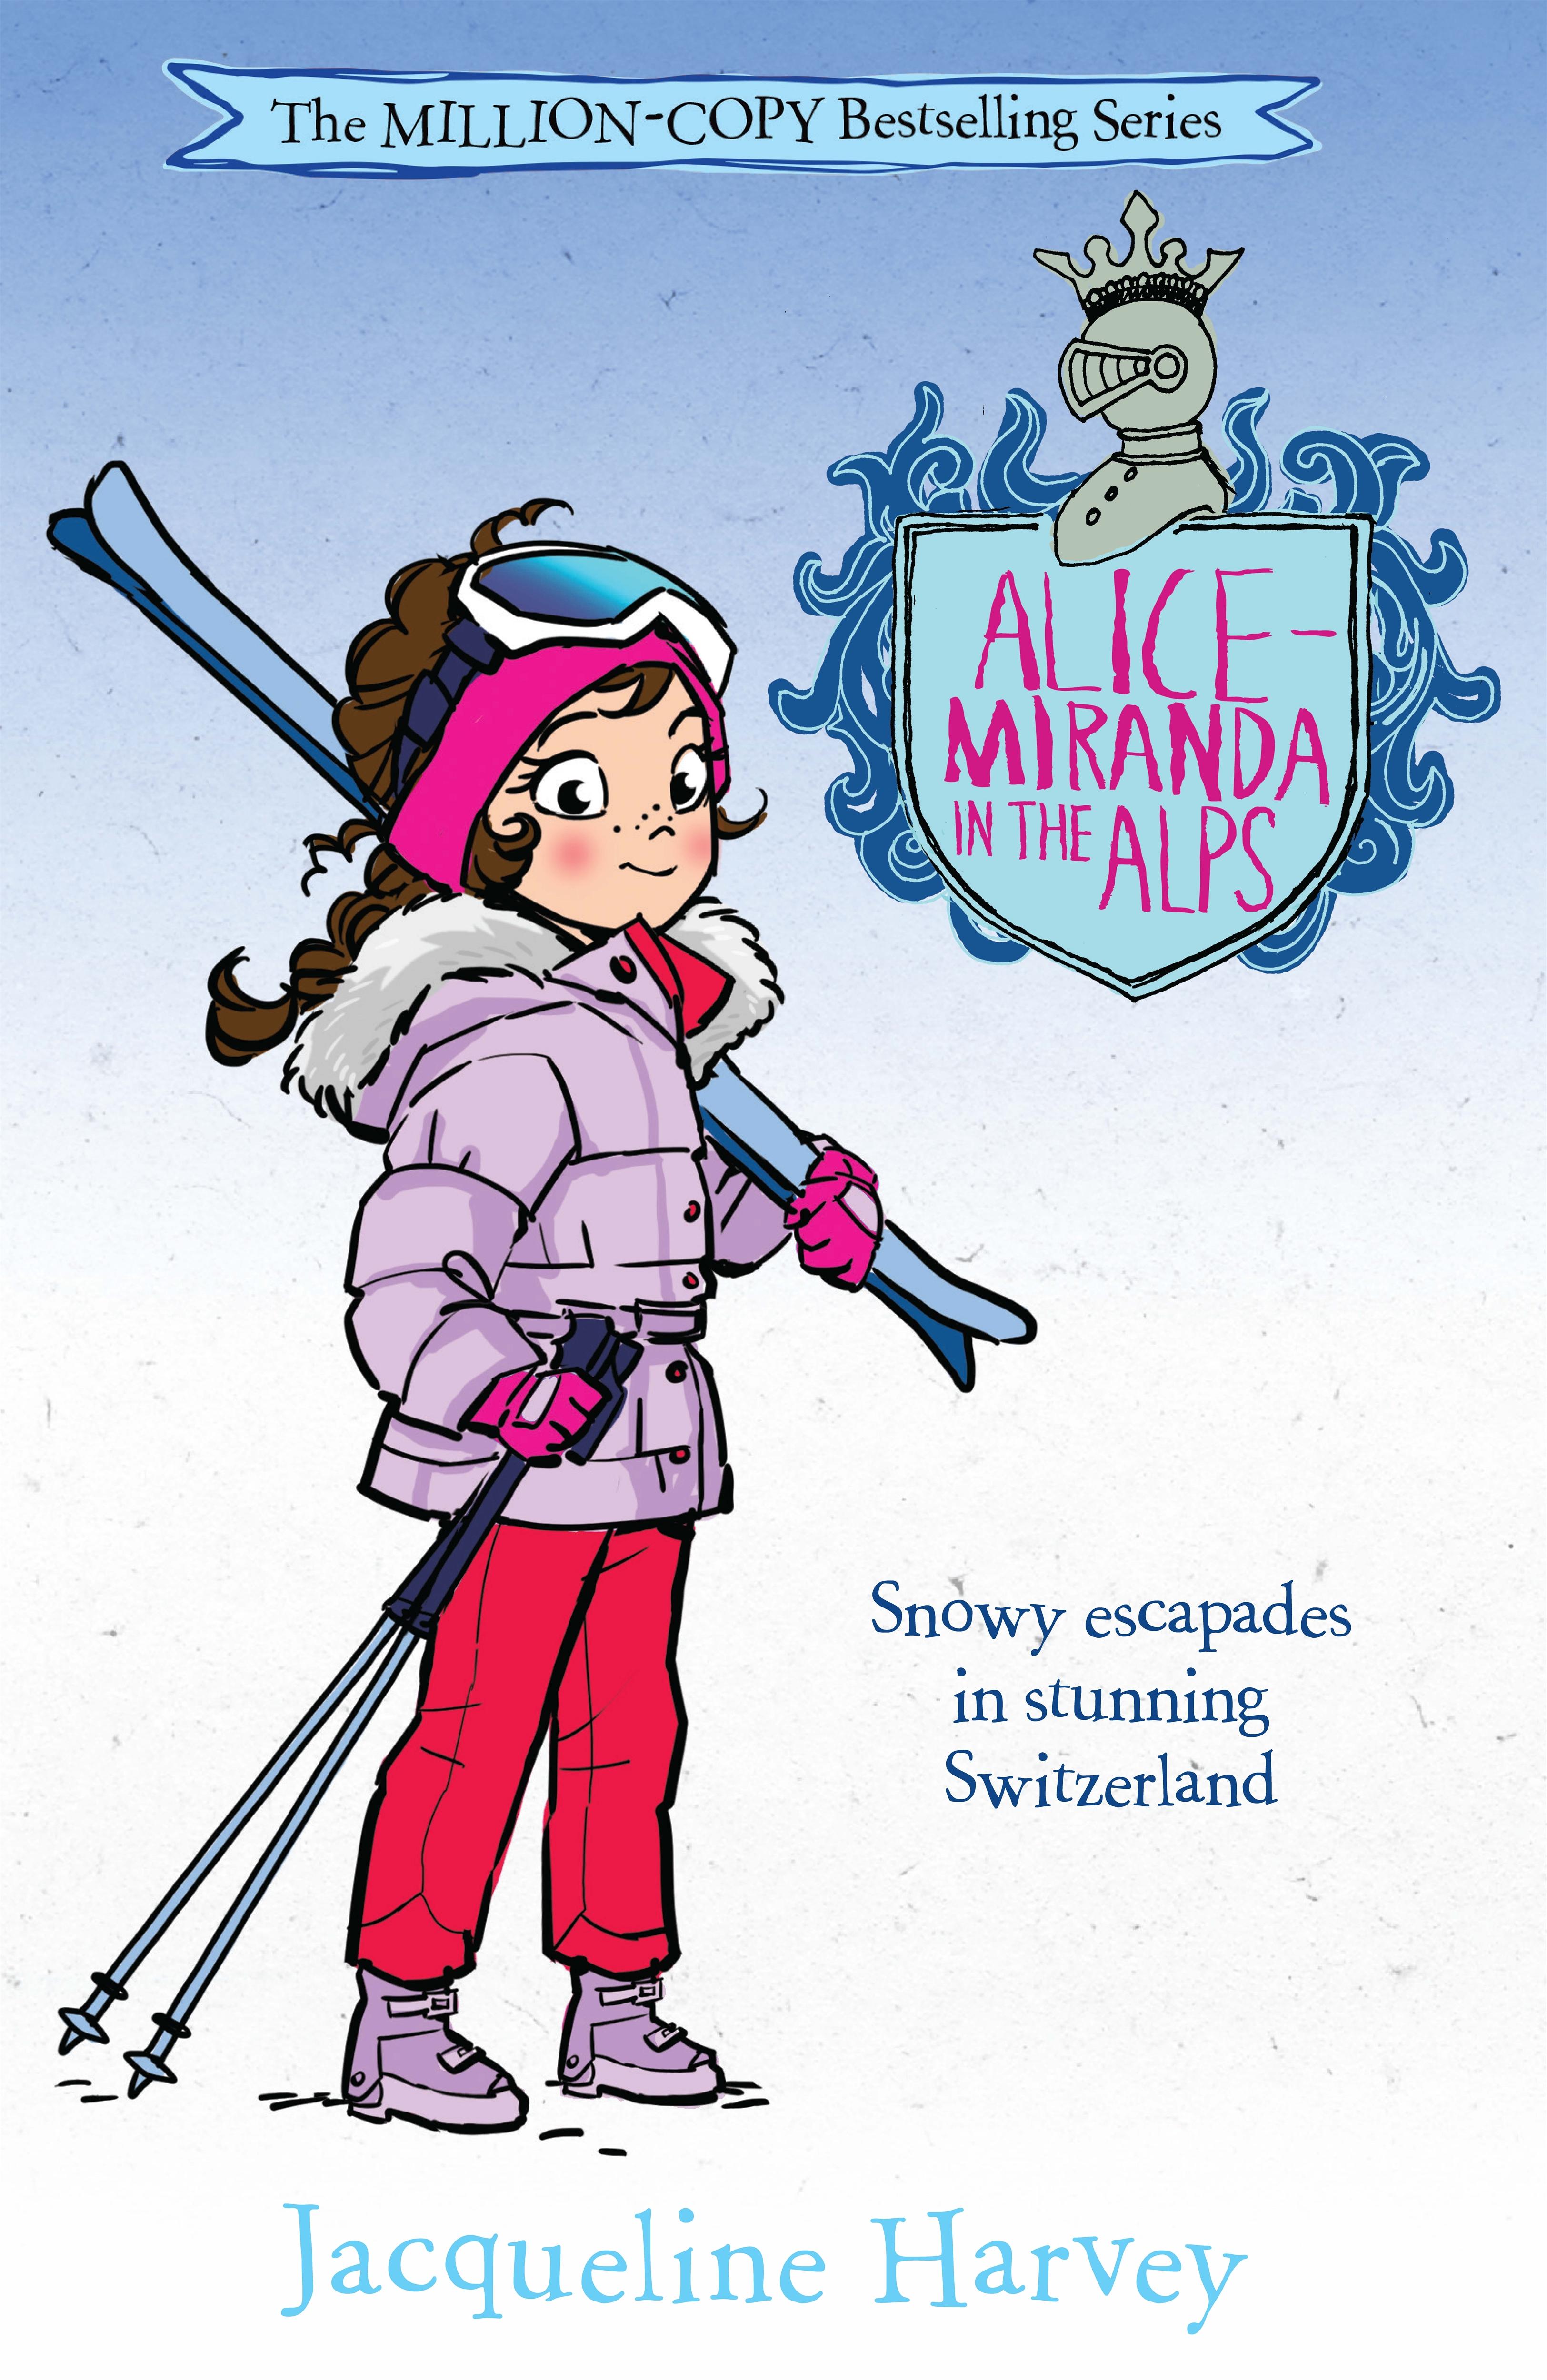 Alice-Miranda in the Alps